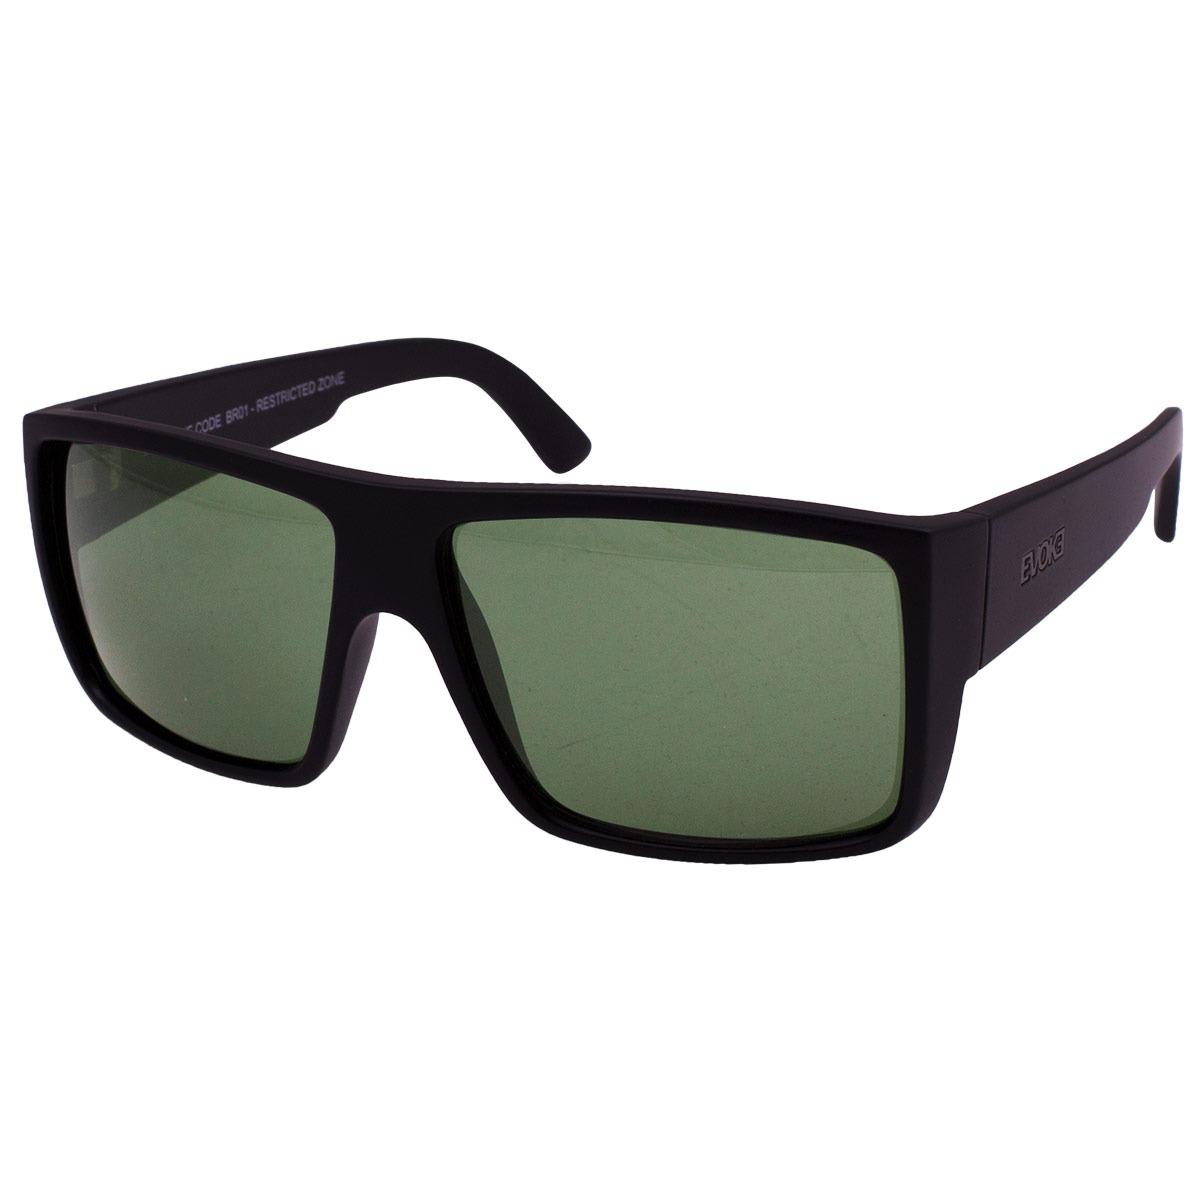 c453abc82966f óculos de sol evoke the code br01 - black silver green. Carregando zoom.